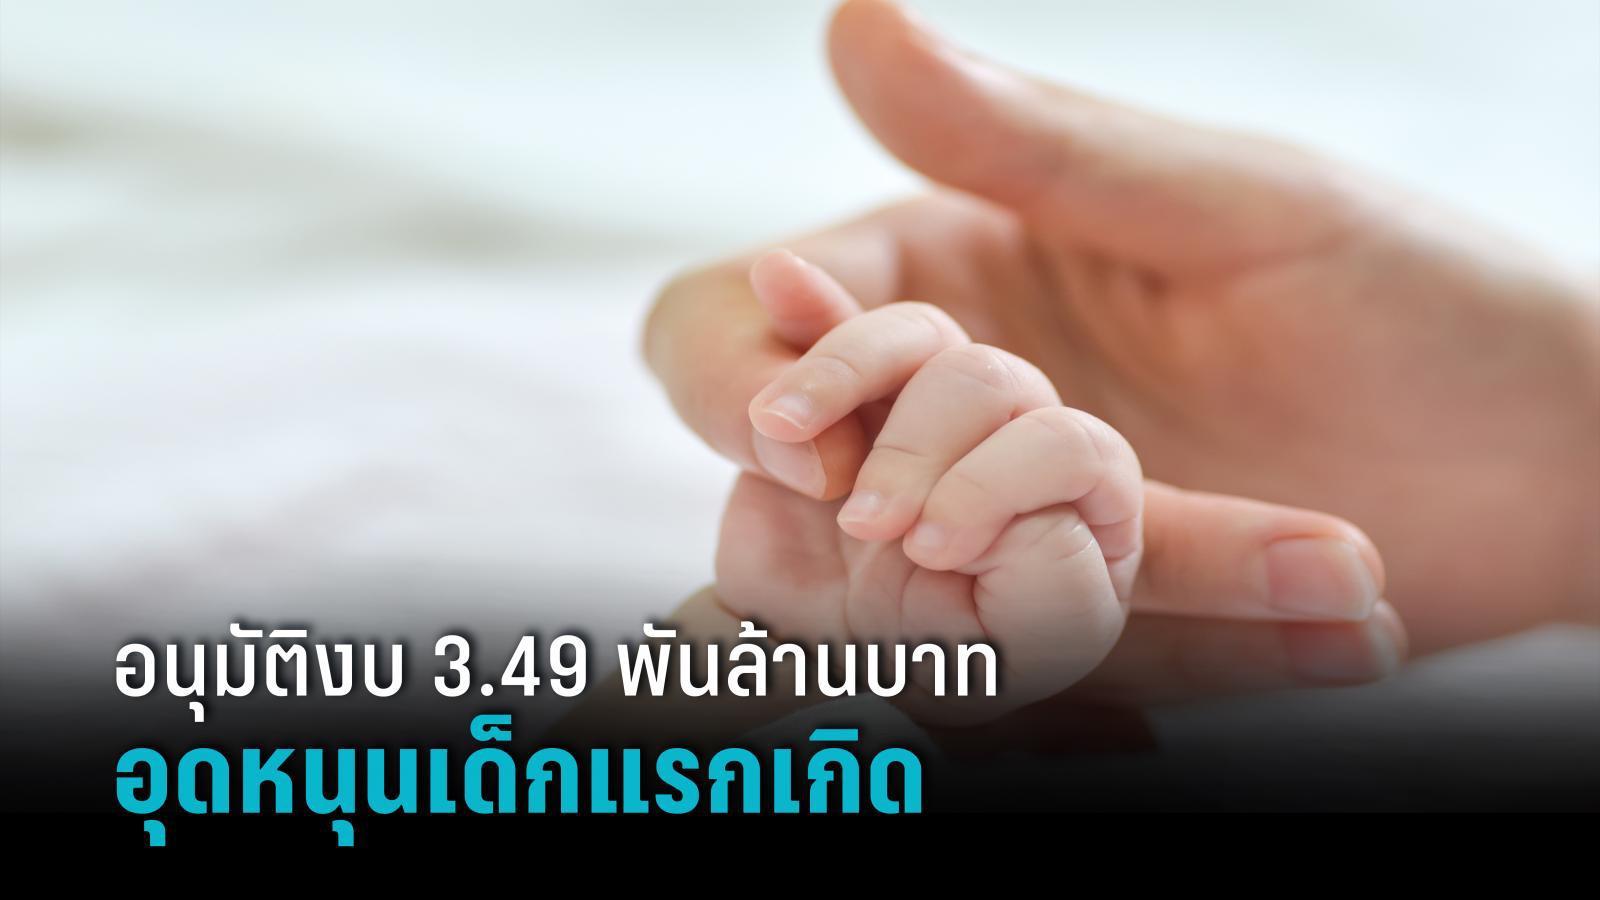 ครม.อนุมัติงบ 3.49 พันล้านบาทอุดหนุนเลี้ยงดูเด็กแรกเกิด ได้รับสิทธิกว่า 2.22 ล้านคน